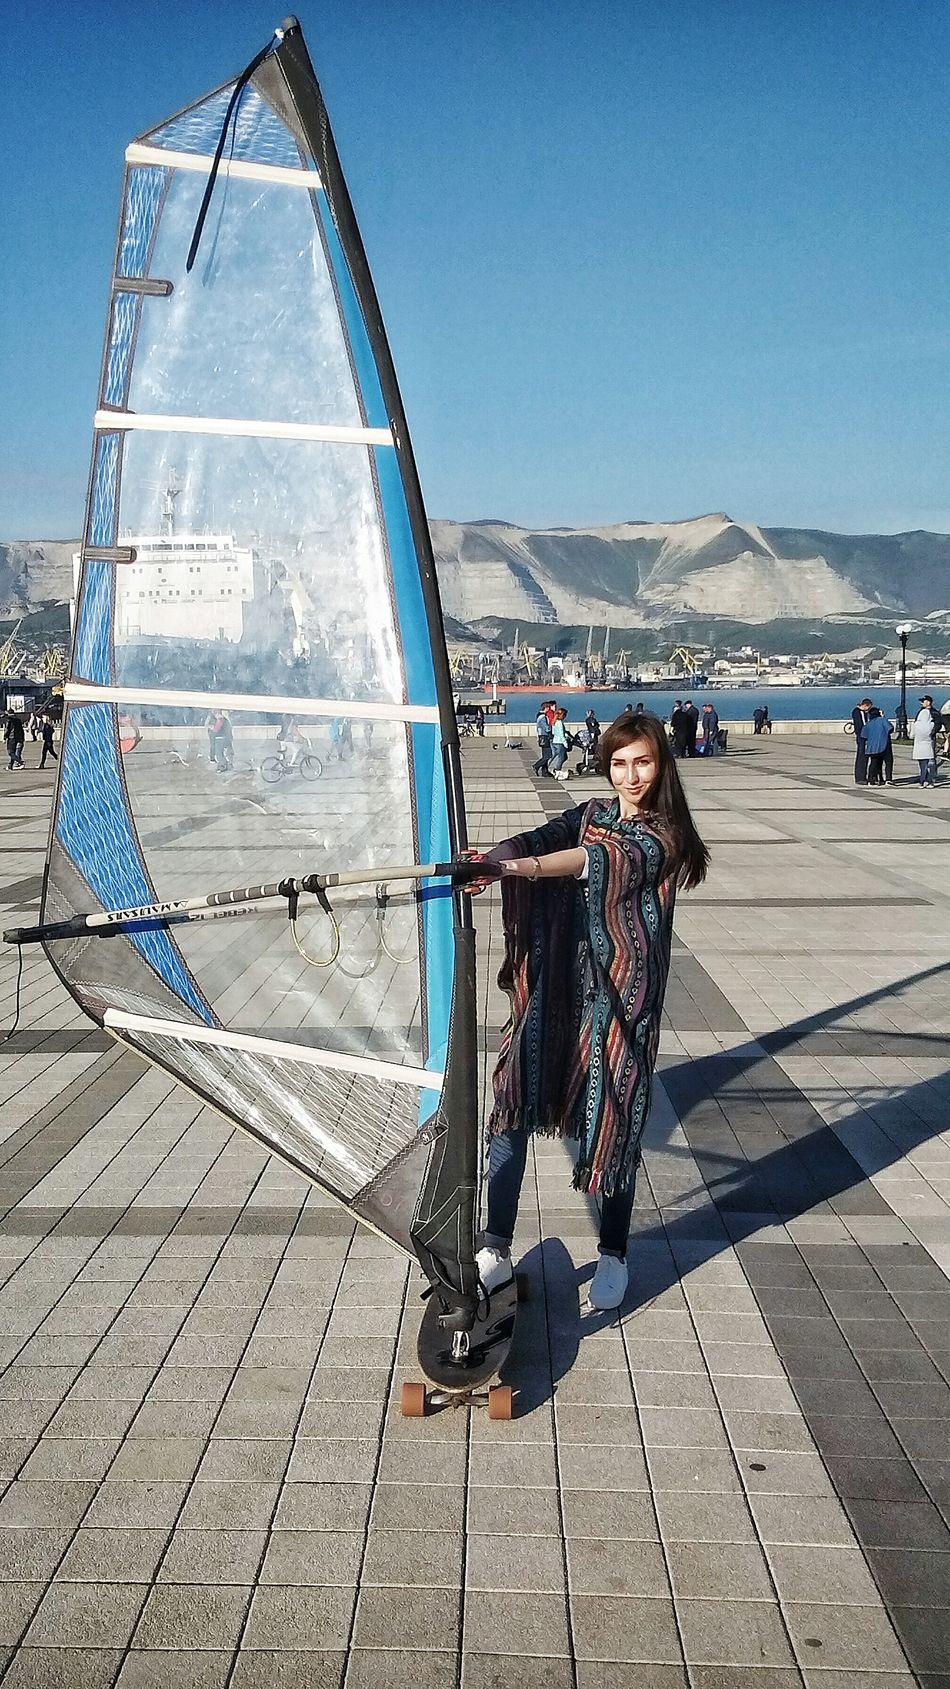 Виндскейтинг в городе ветров Outdoors Day Shadow Sky Sea City Wind Wing Windsurfing Windsurf Windsurfer Windsurf Life Girl Etno Lifestyle ветер виндсерфинг этномир Clear Sky парус крыло горы город площадь Square